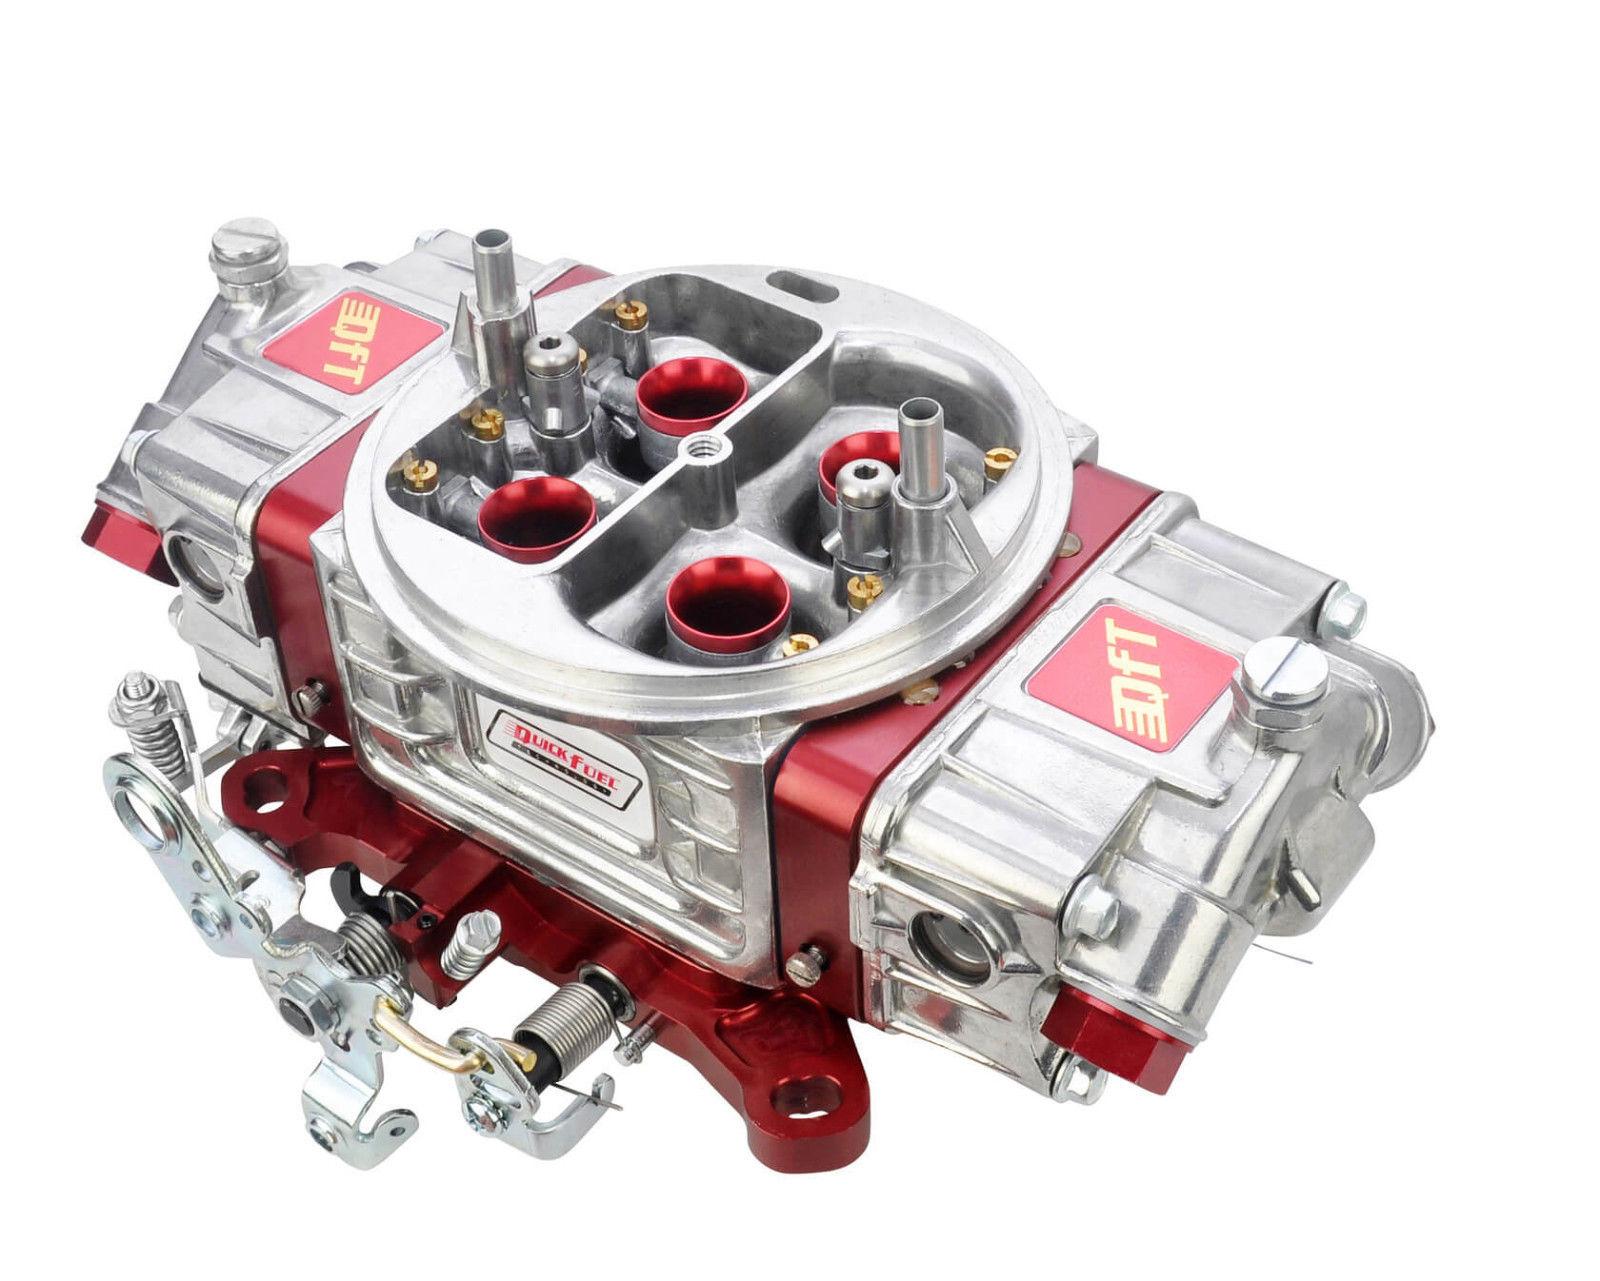 Brawler 570 CFM Diecast Series Carb Vacuum Seconday Electric